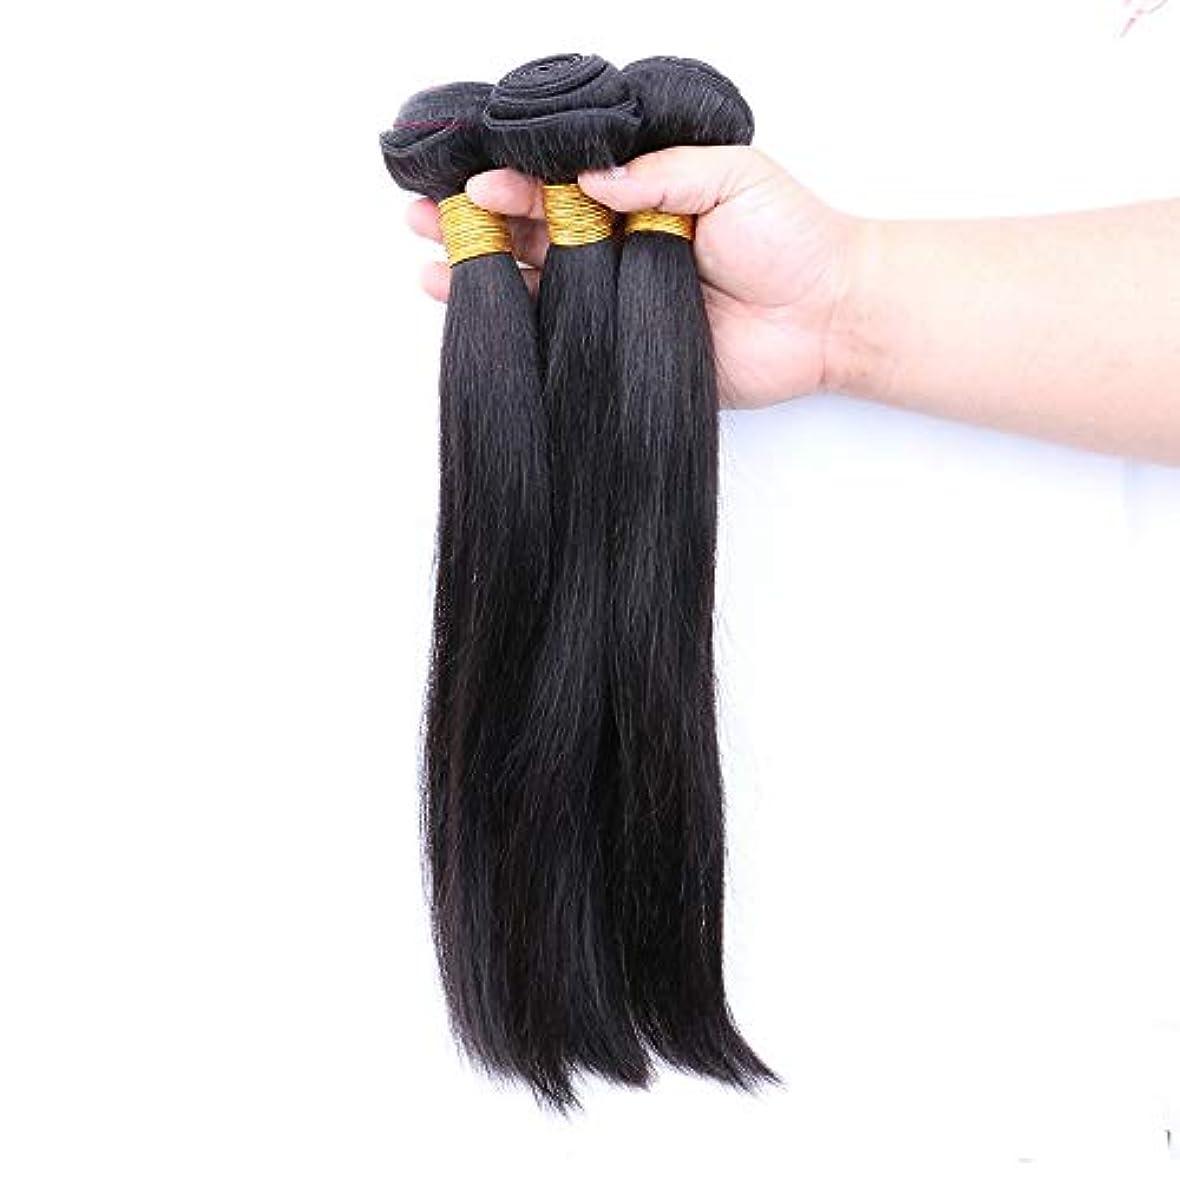 憂鬱な画面ほこりWASAIO ブラジルスクエア人間の髪バンドルシルキーバージン織り拡張リアルブラック (色 : 黒, サイズ : 14 inch)